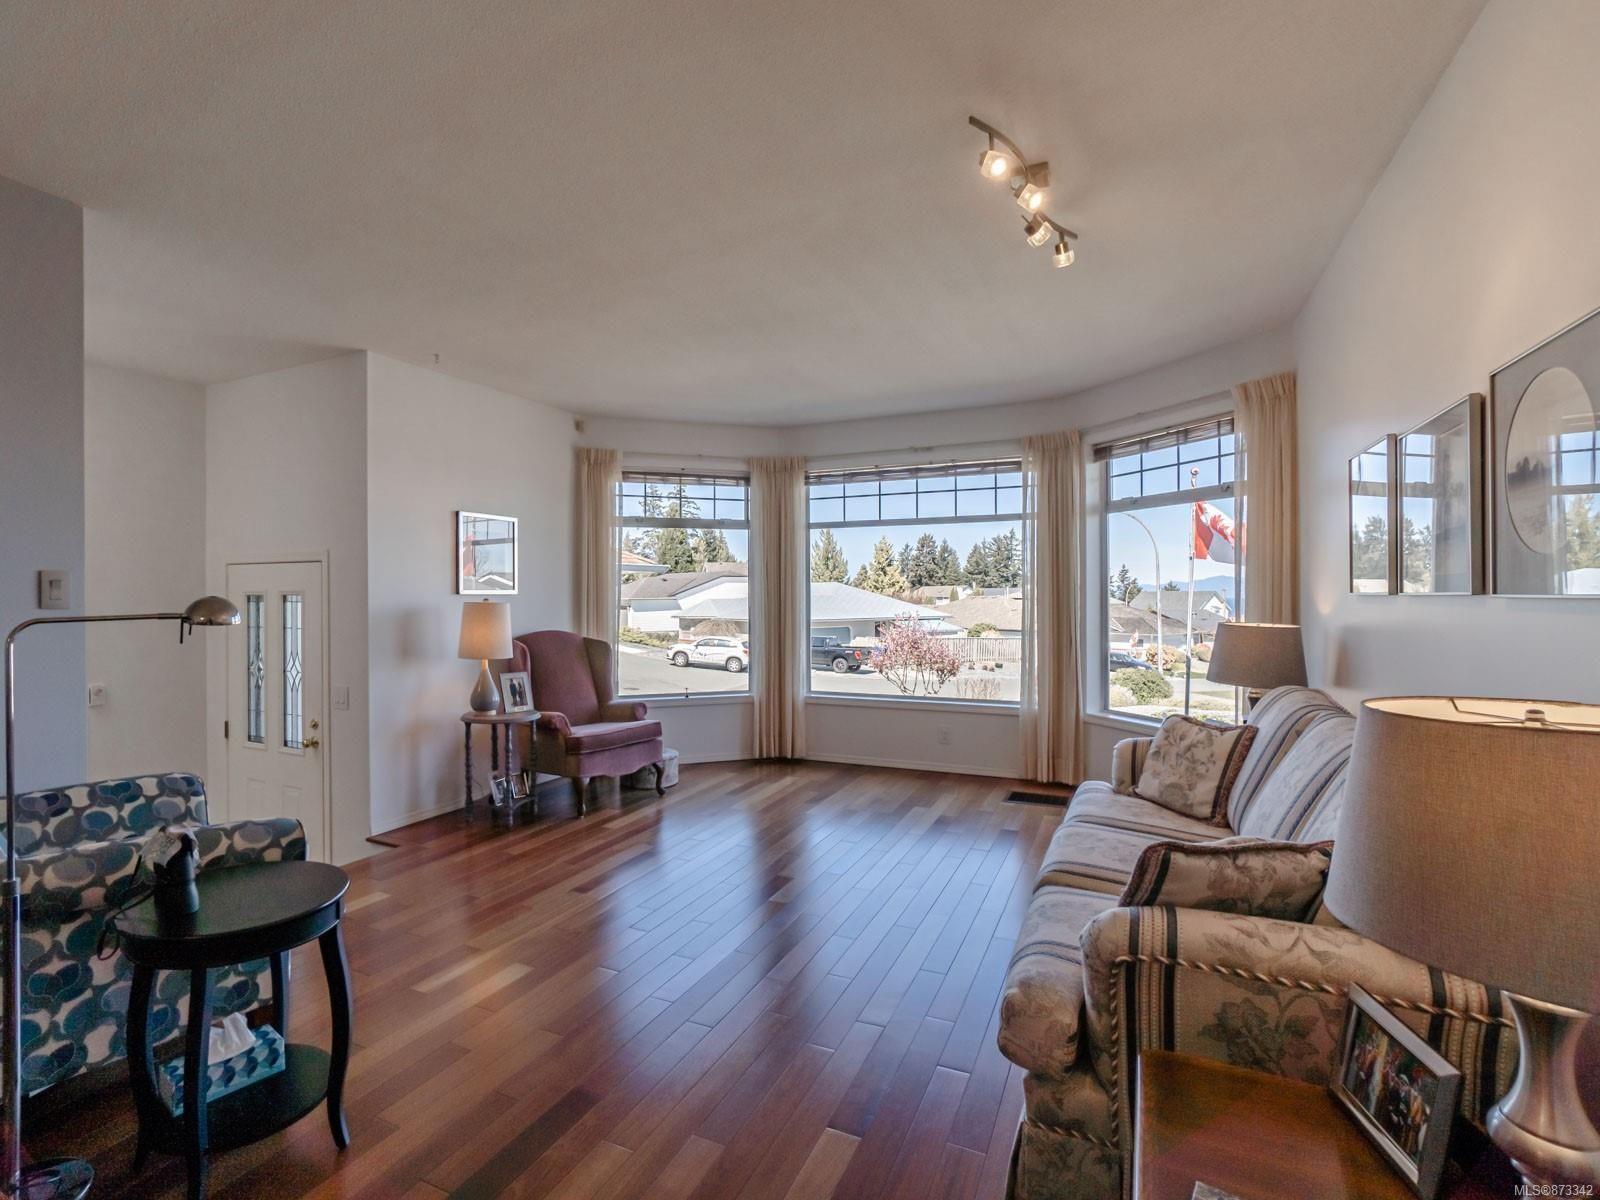 Photo 22: Photos: 5294 Catalina Dr in : Na North Nanaimo House for sale (Nanaimo)  : MLS®# 873342